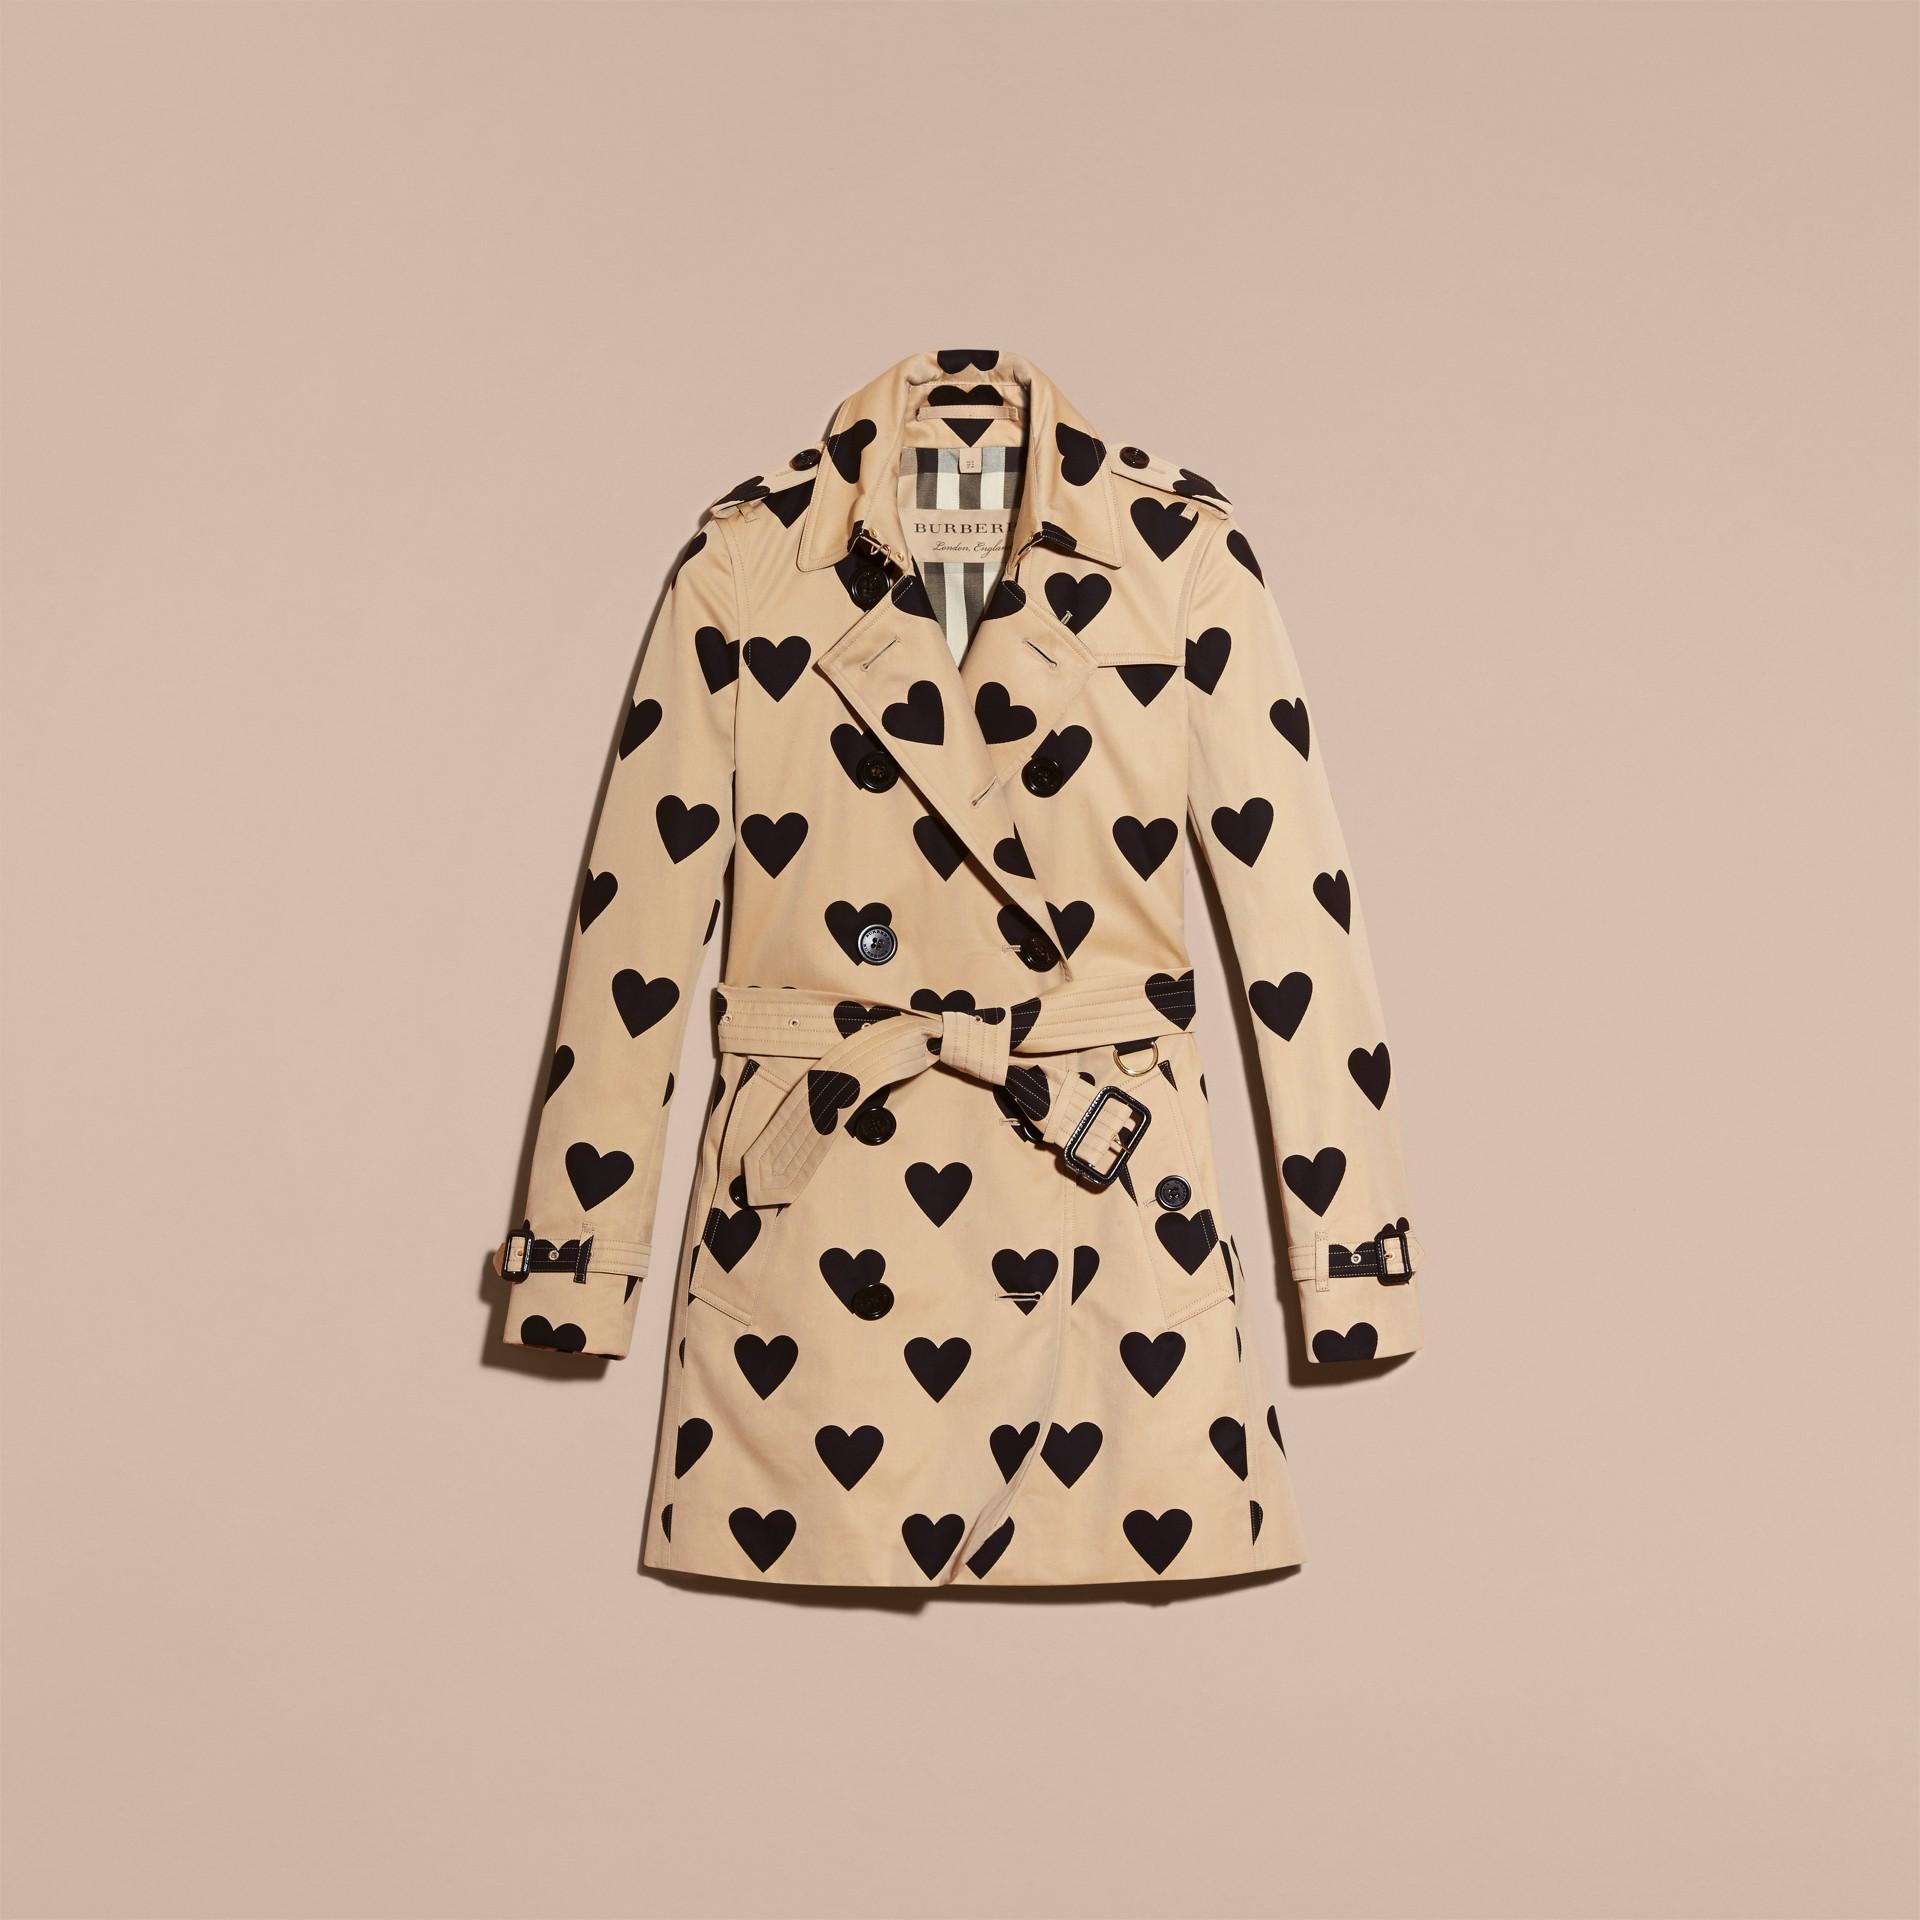 Nero/miele Trench coat in cotone con stampa a cuori - immagine della galleria 4